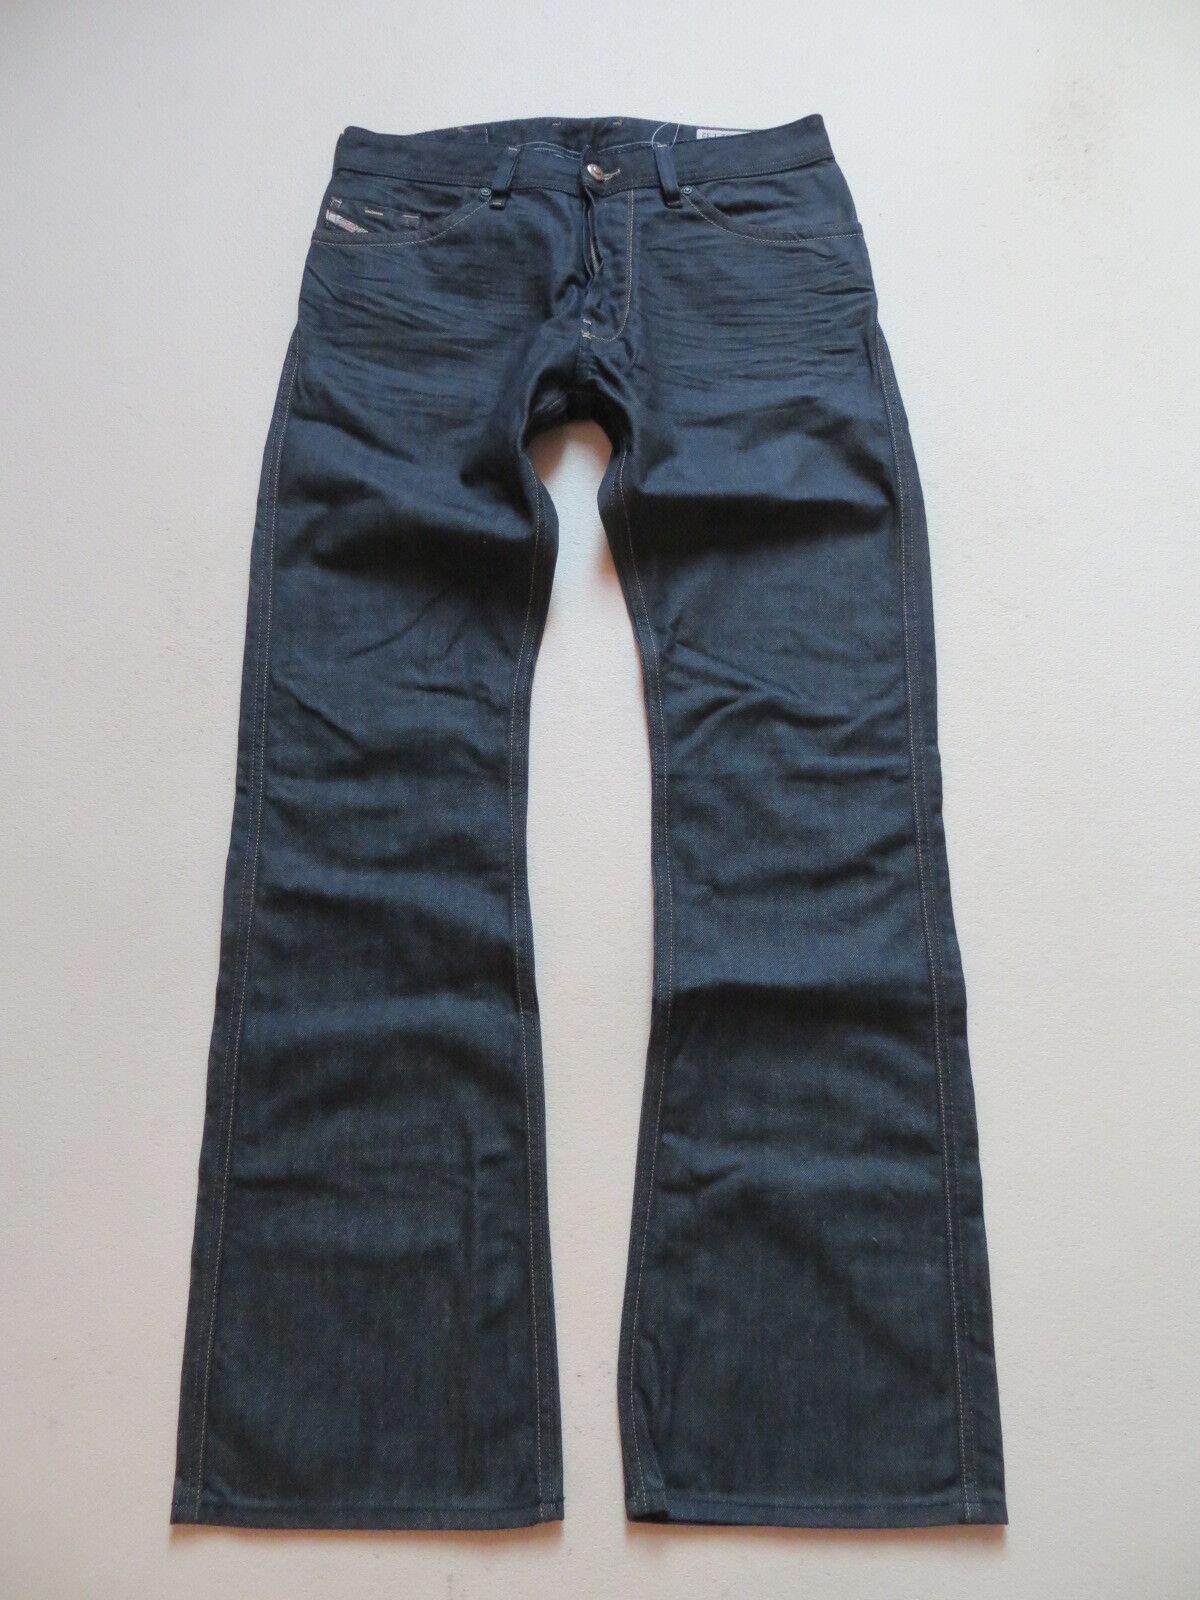 Diesel RUKY wash 0088Z Schlag Jeans Hose, W 31  L 32, Indigo Denim, wie NEU   46